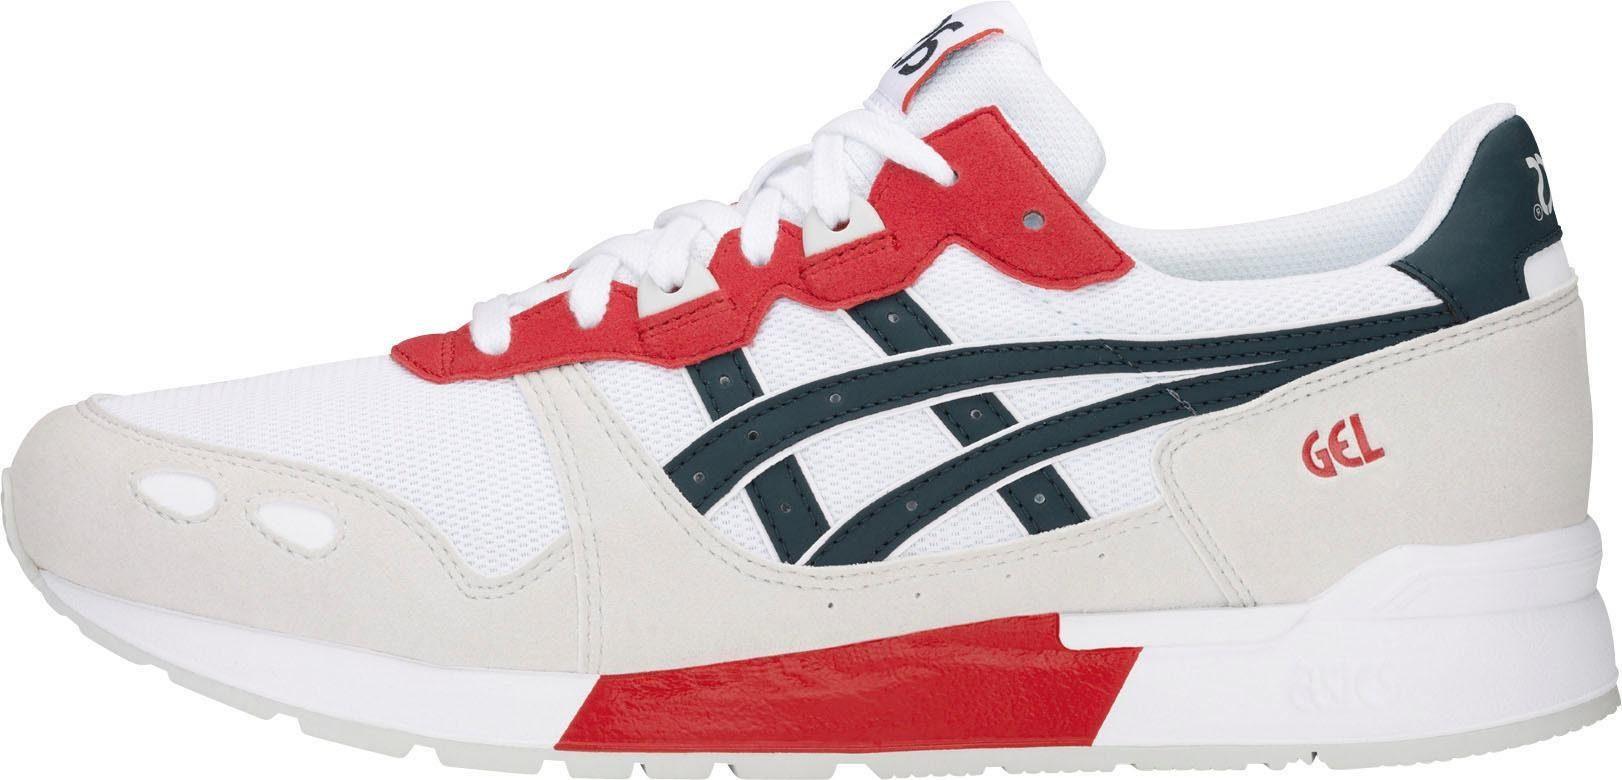 »gel Tiger lyte M« Asics Sneaker v08Panx